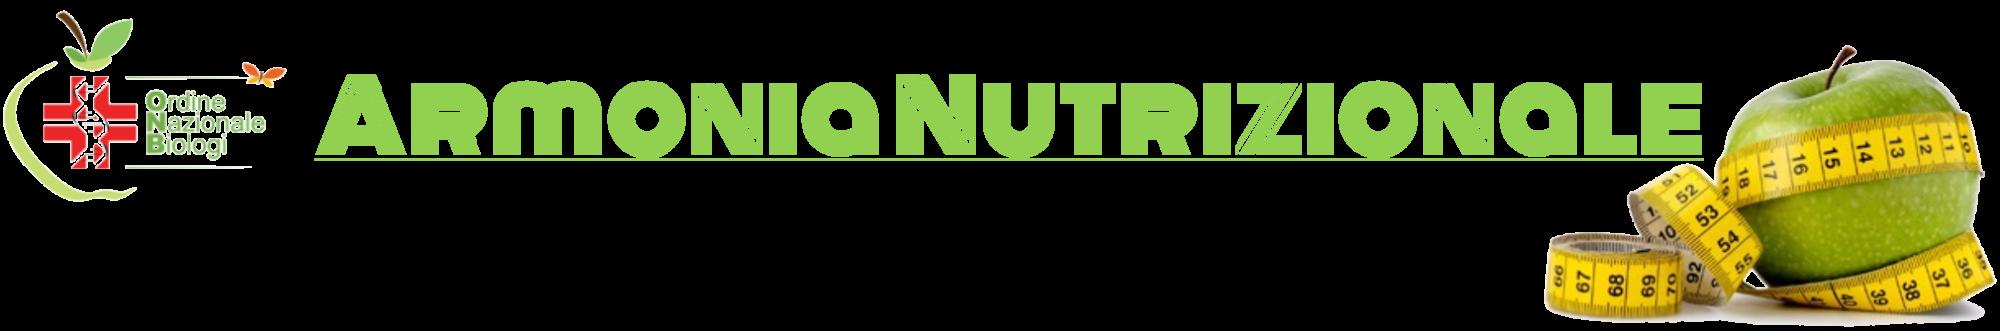 Armonia Nutrizionale